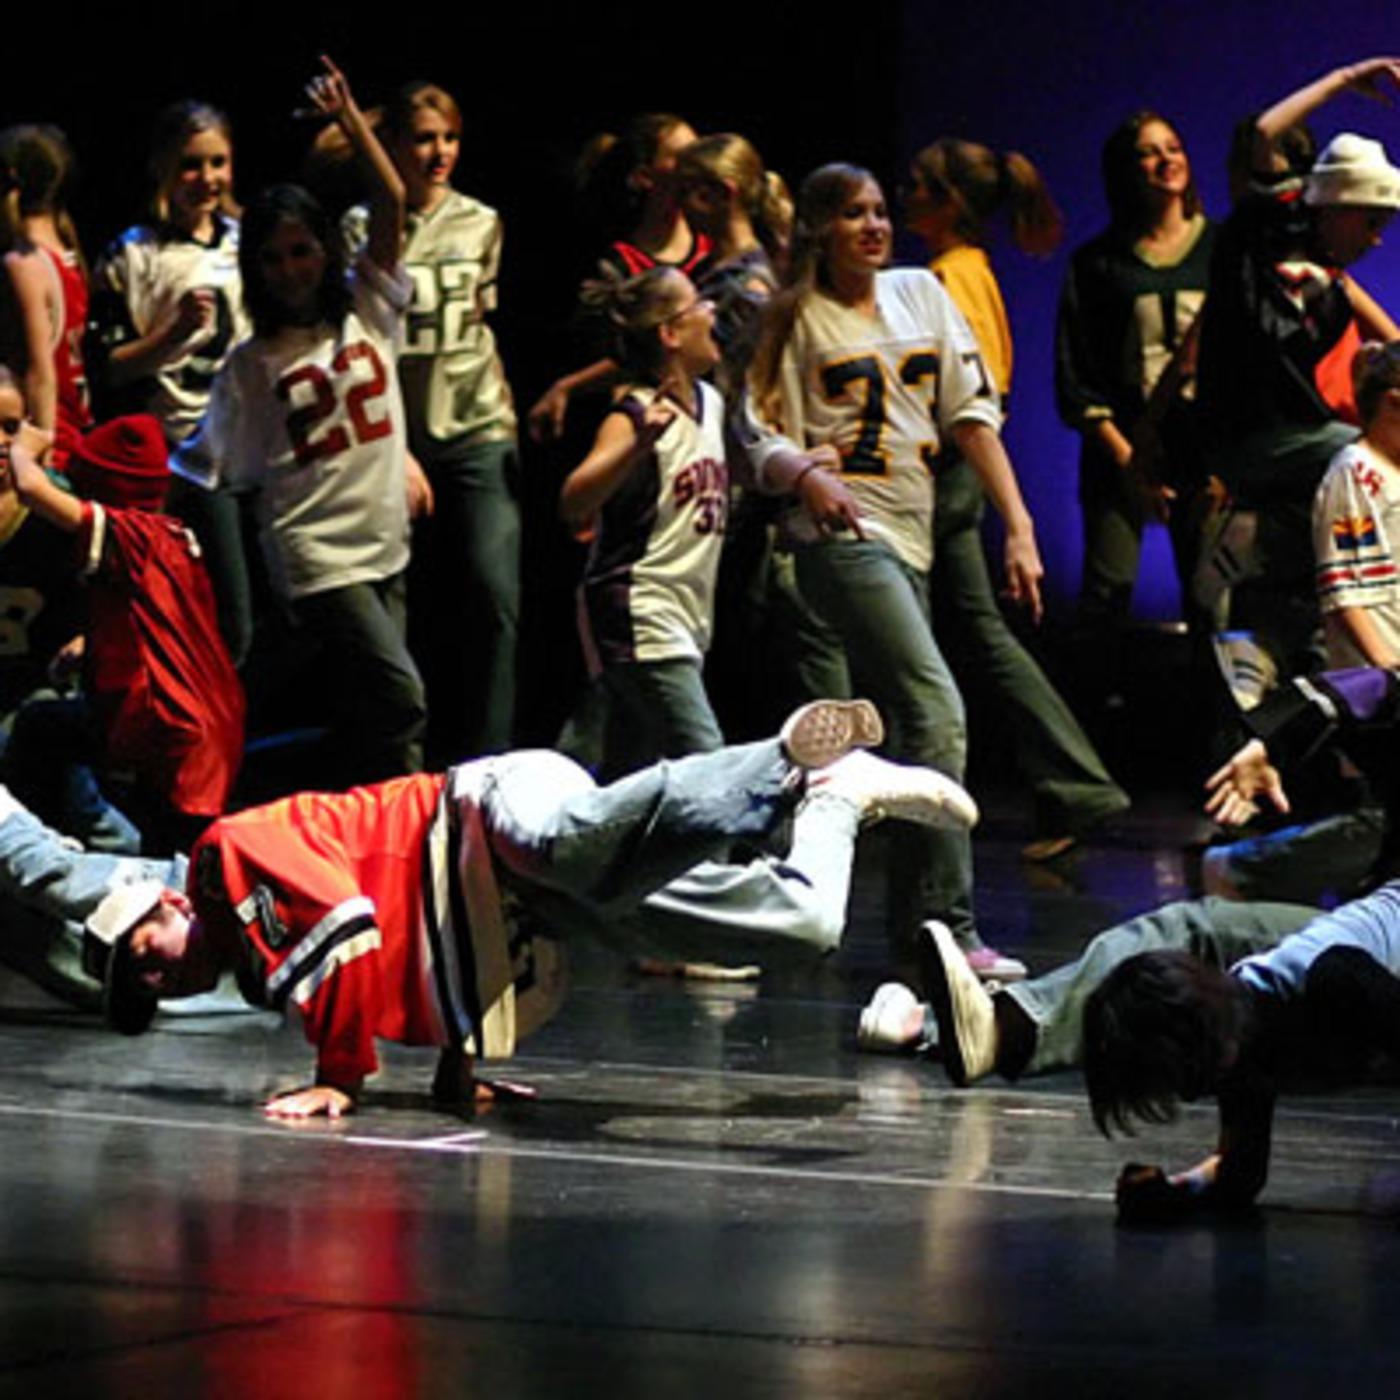 Смотреть онлайн танцы в стиле хип хоп 12 фотография